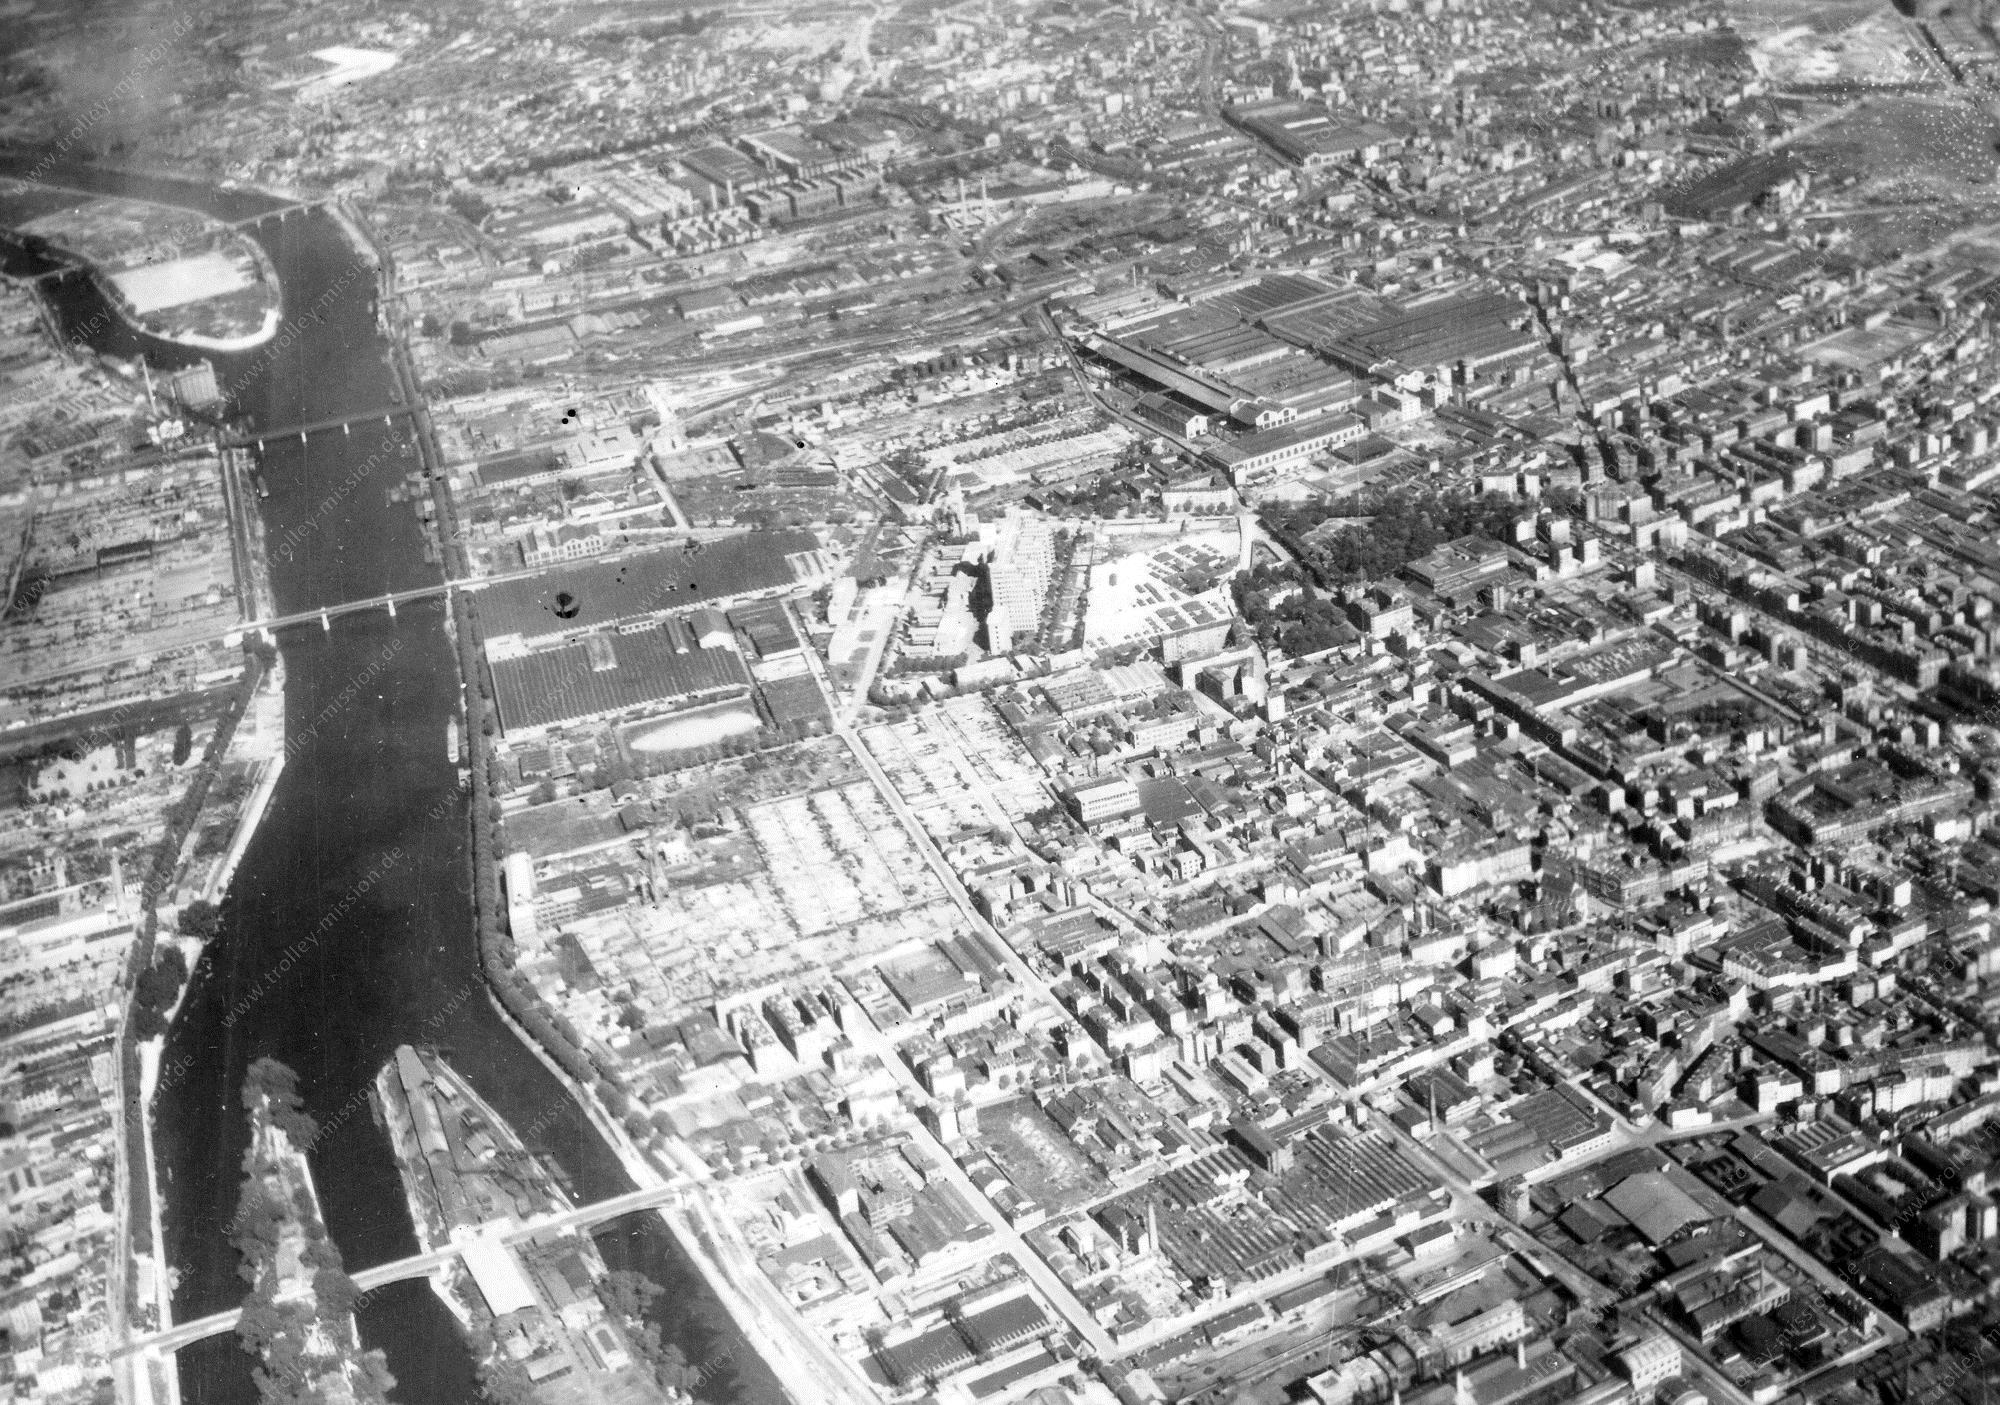 Clichy, située au nord-ouest de Paris, avec l'hôpital Beaujon, l'usine de Citroën, le Pont de Clichy et les îles Robinson et des Ravageurs (ou île de la Recette) sur la Seine